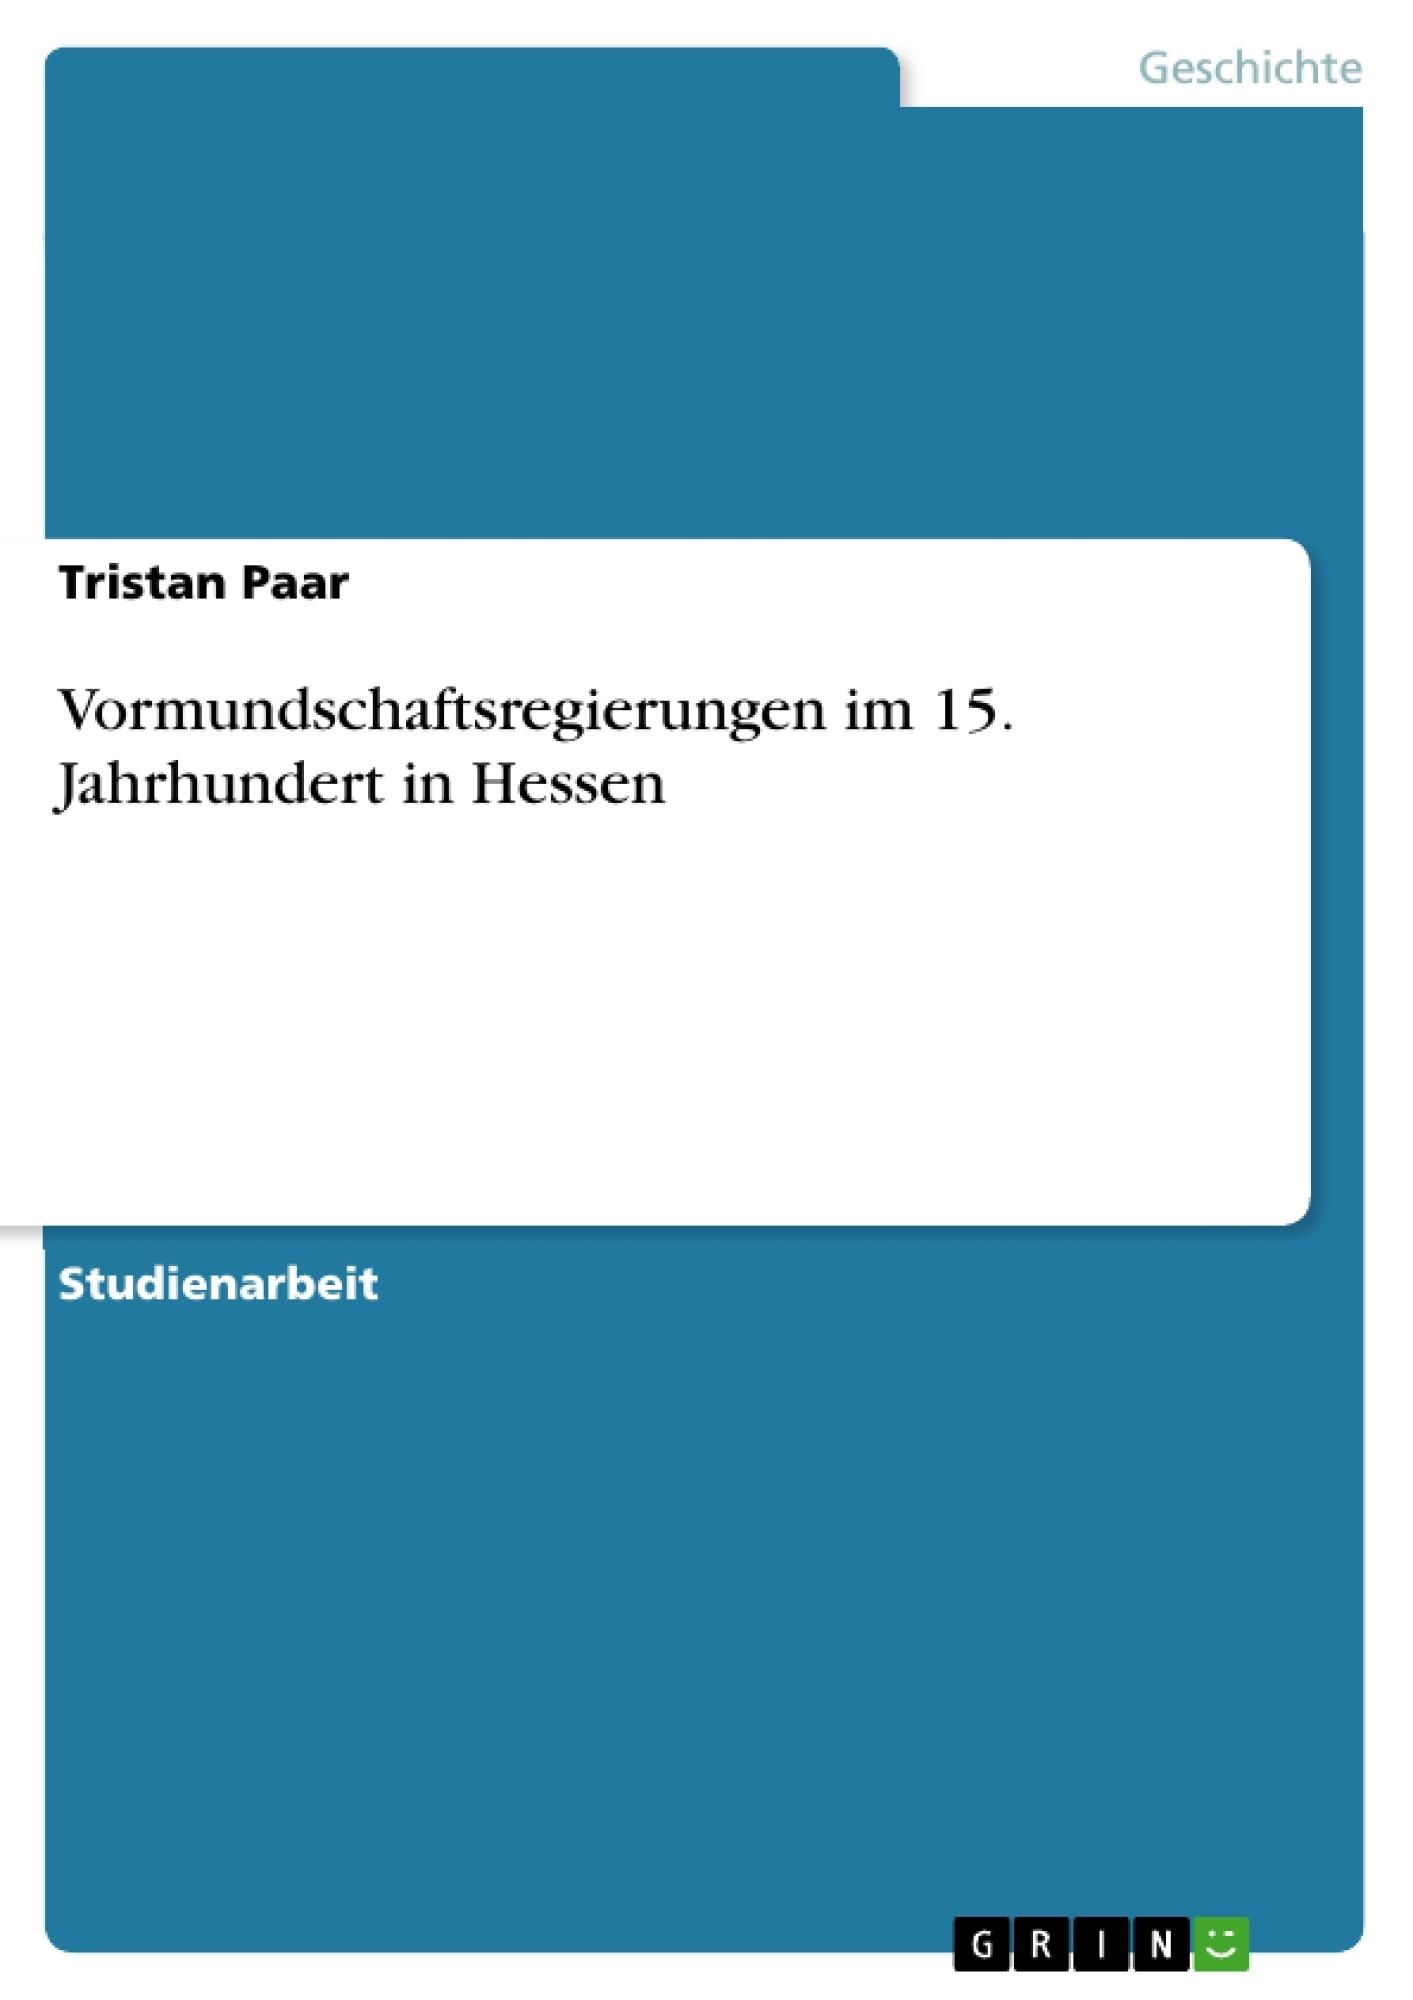 Titel: Vormundschaftsregierungen im 15. Jahrhundert in Hessen